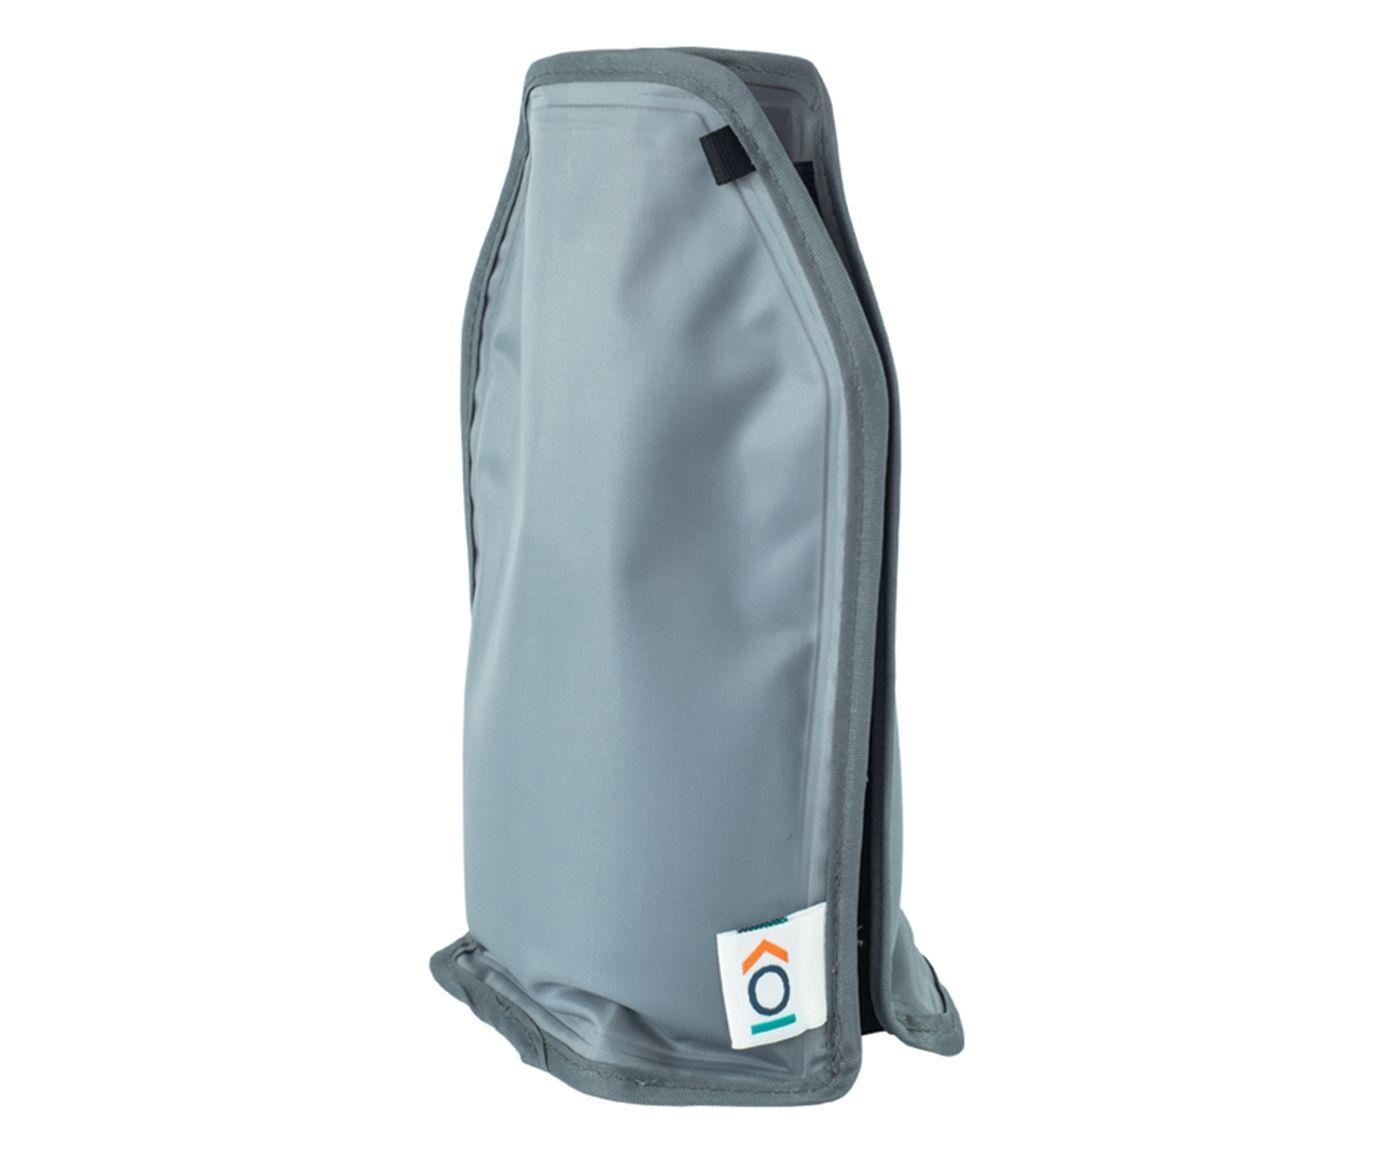 Capa Térmica Congelável para Garrafas Soigné Cinza - 13,5X38cm   Westwing.com.br